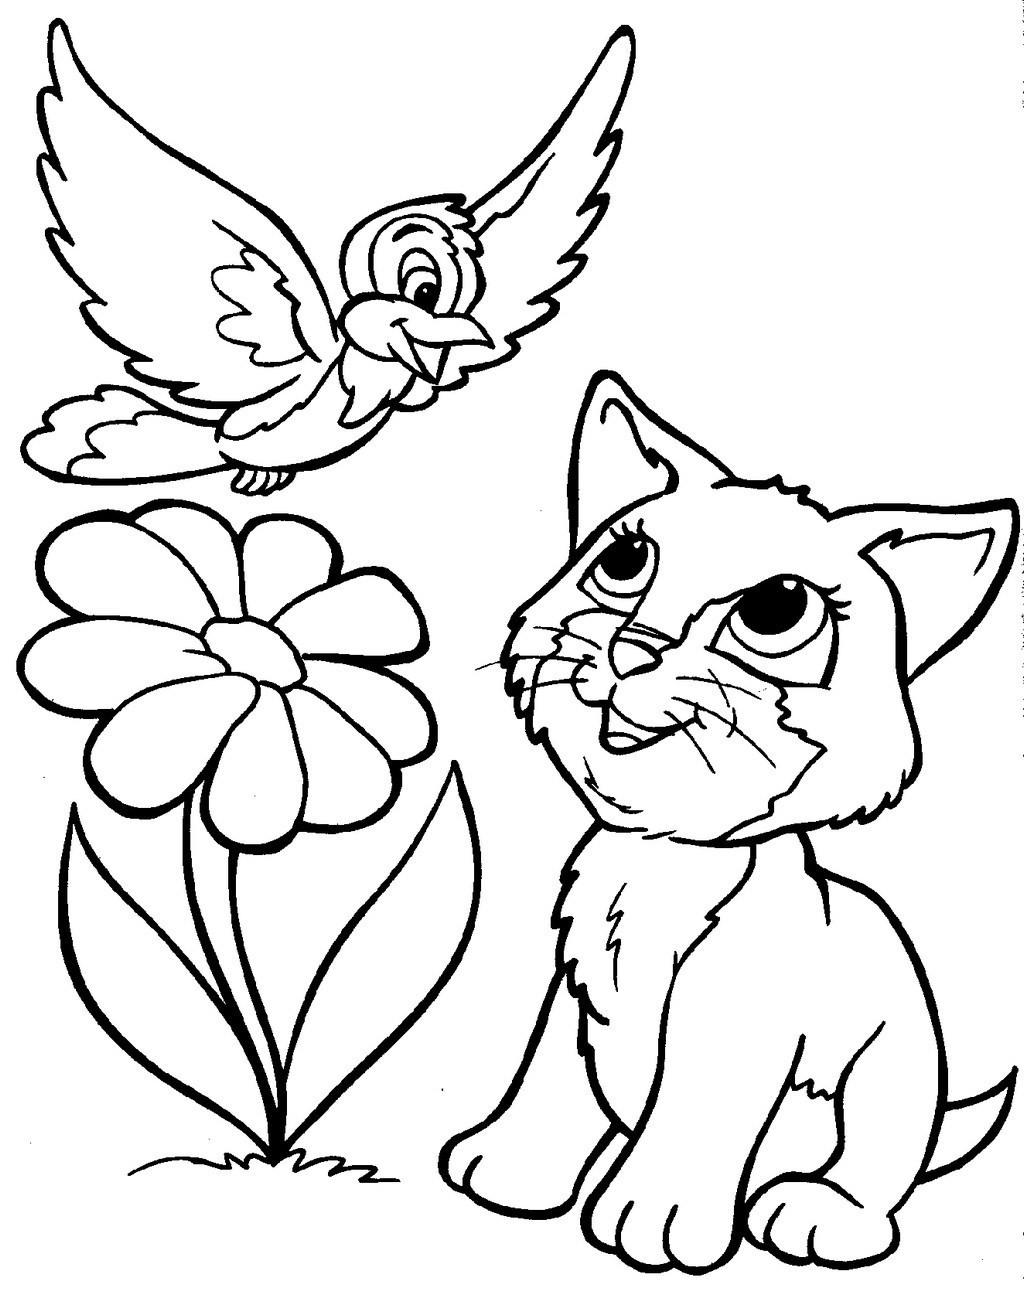 Katzen Bilder Zum Ausmalen Frisch 27 Neu Katzen Ausmalbilder – Malvorlagen Ideen Bilder